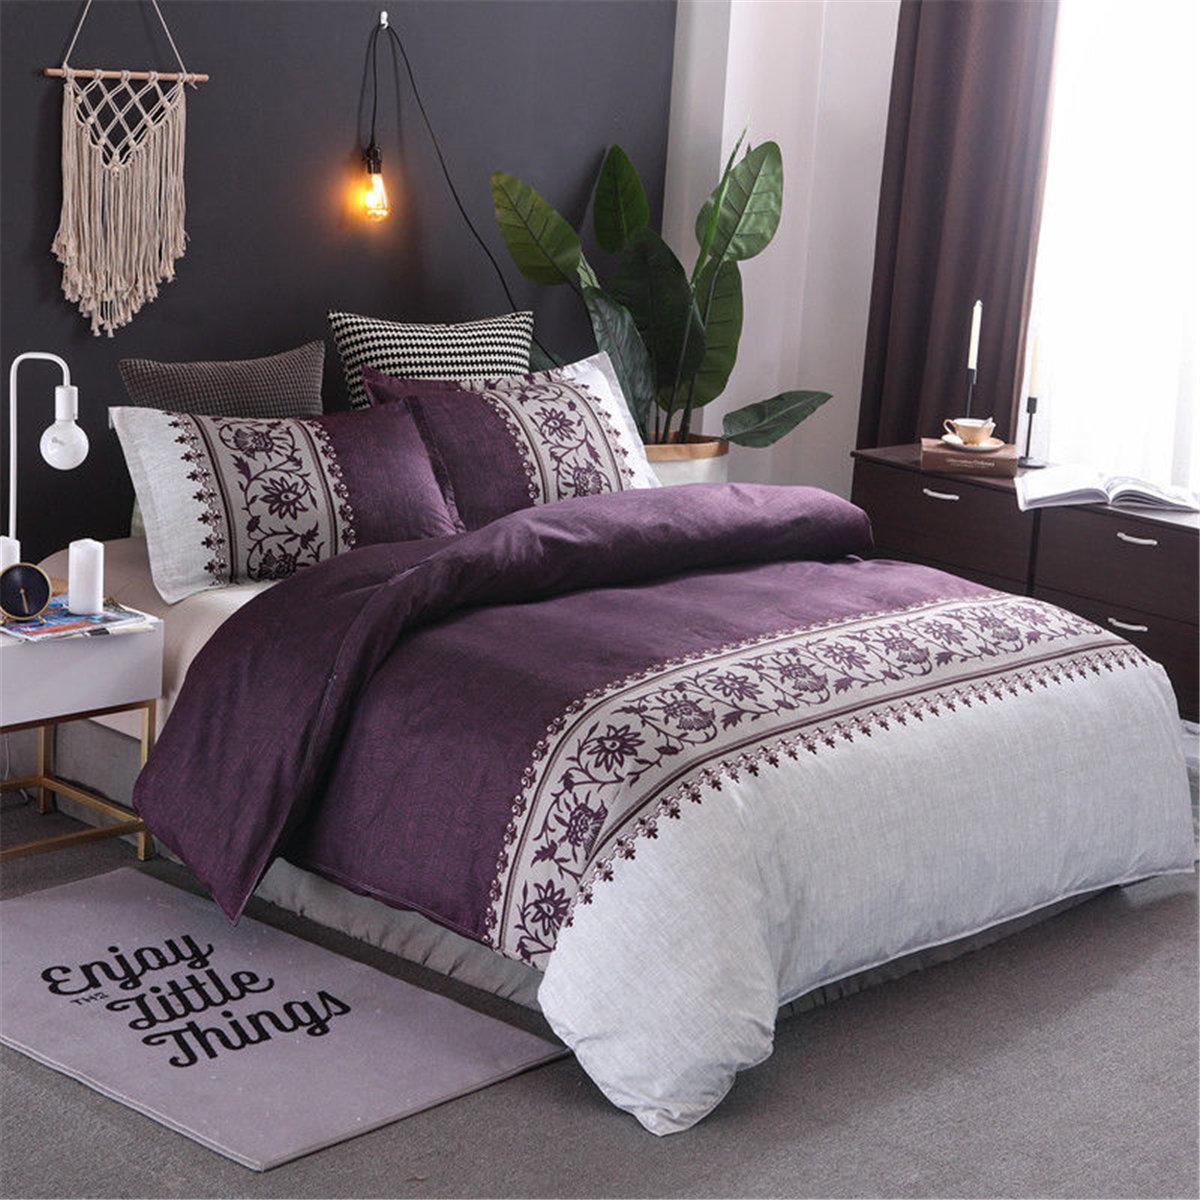 3Pcs Floral Doona Quilt Duvet Cover Set Double Queen King Size Bed Linen Pillowcases